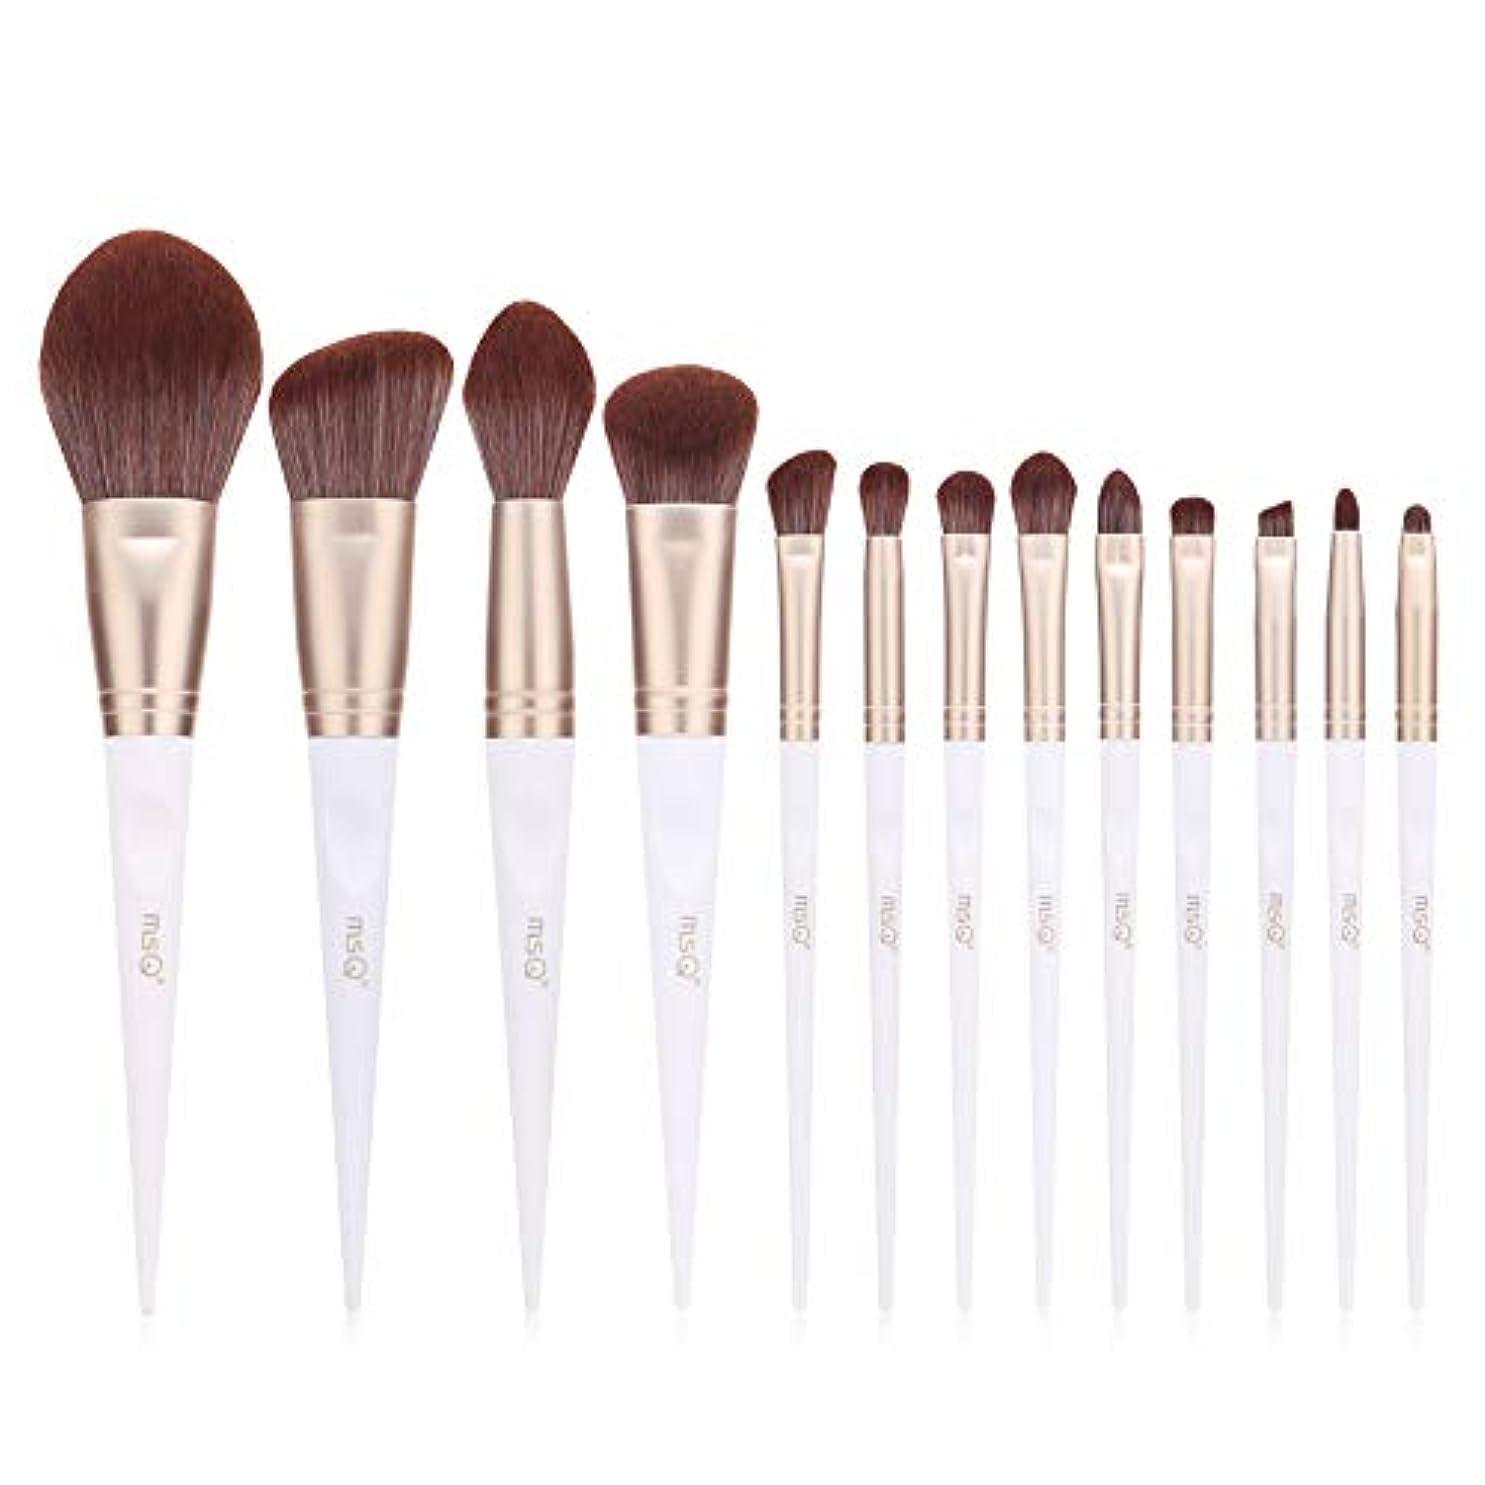 夜明けバング毎日MSQ 人気 メイクブラシ 化粧筆 13本 セット 化粧ブラシ 超柔らかい 高級感 メイクブラシセット